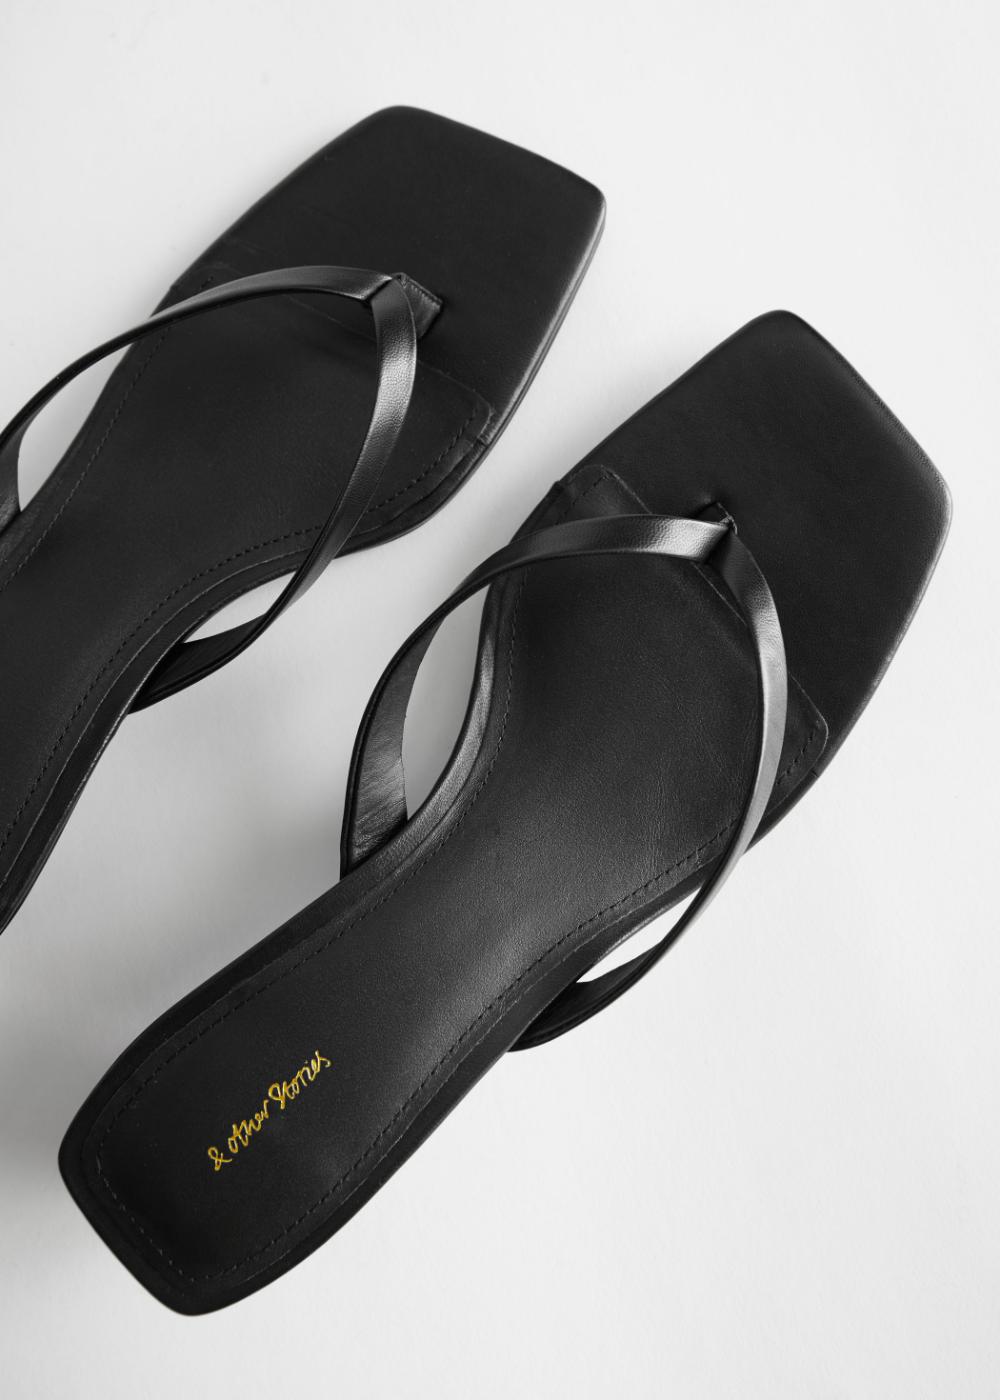 Leather Kitten Heel Flip Flop In 2020 Heeled Flip Flops Black Leather Flip Flops Kitten Heel Shoes